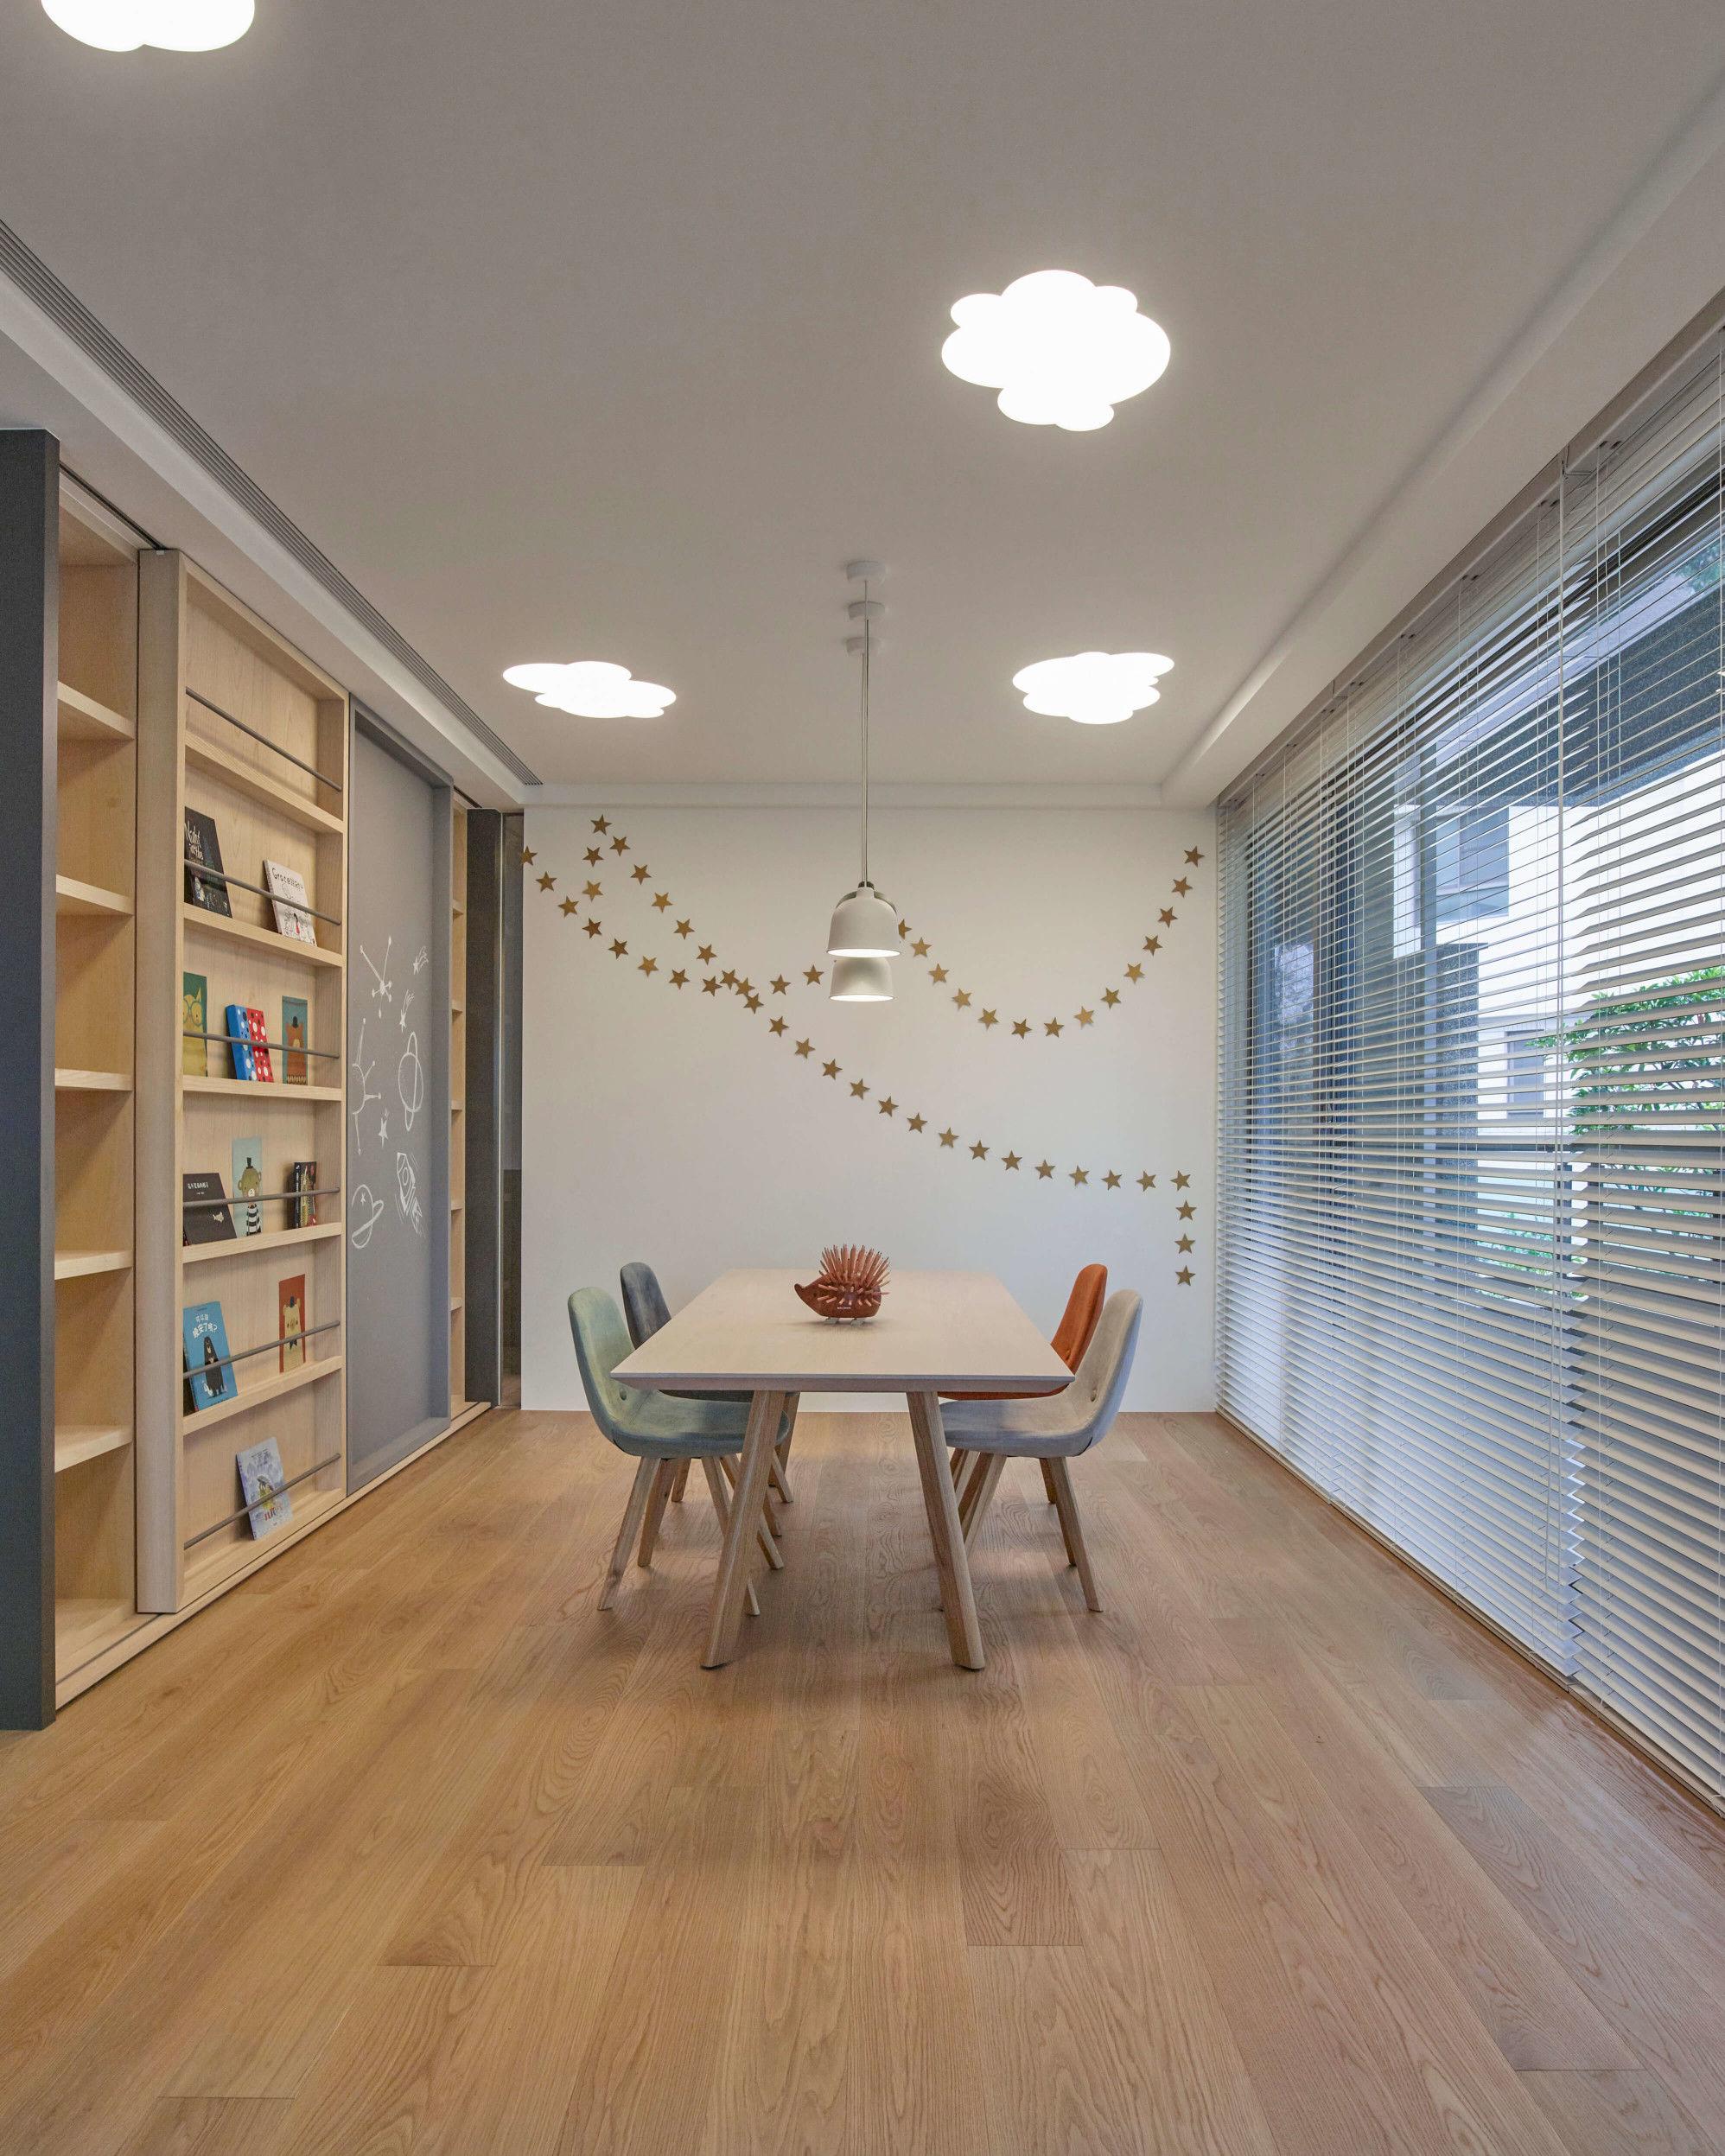 台中分子室內裝修設計 - 裝修住宅設計 - 自地自建 - 兒童空間-遊戲室